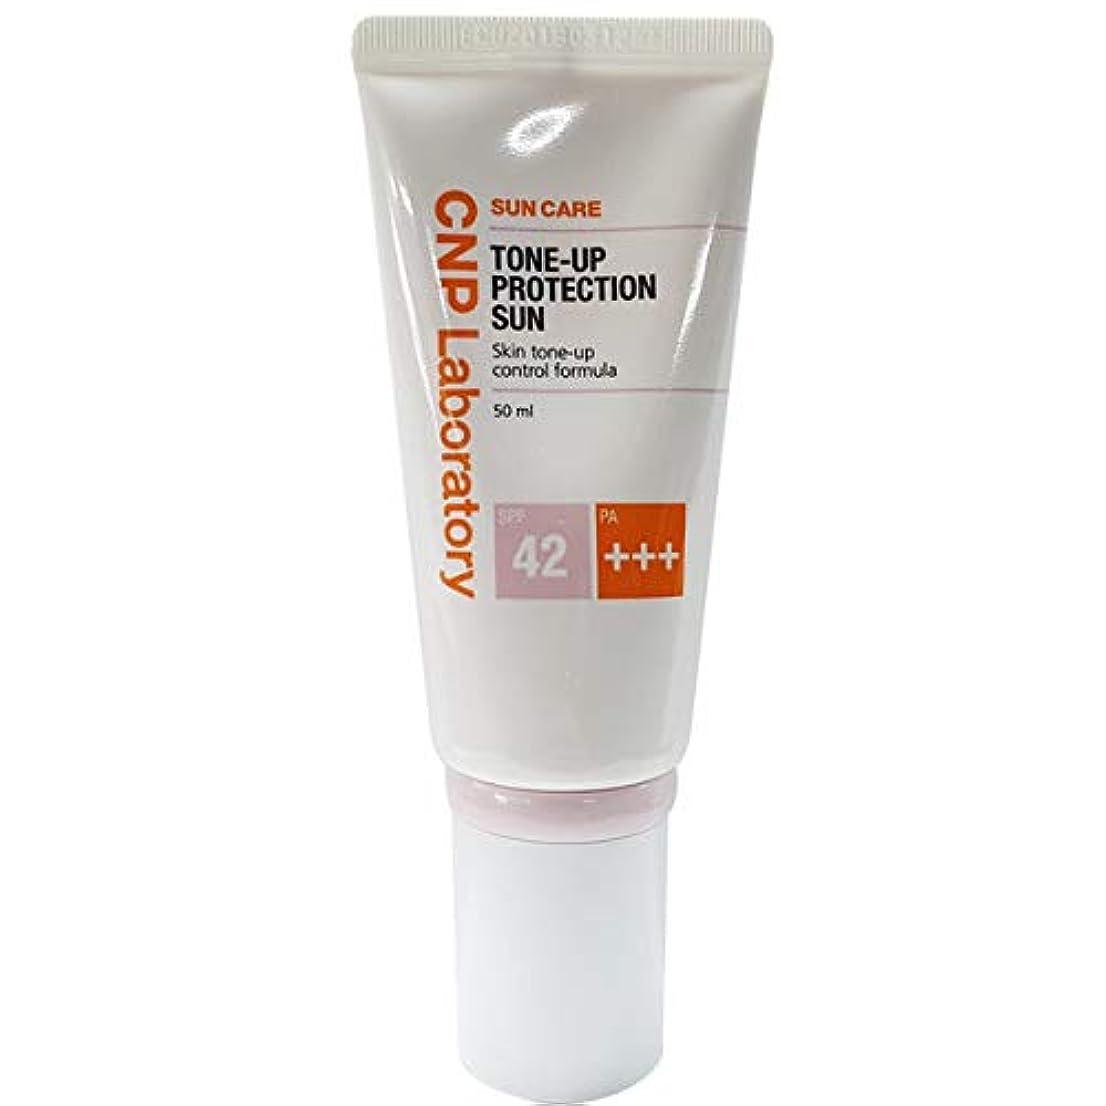 くさび有彩色のデモンストレーションCNP チャアンドパク トンオププロテクションサン?クリーム紫外線遮断剤 50ml (SPF42 / PA+++)、2019 NEW, CNP Tone-up Protection Sun Cream/韓国日焼け止め